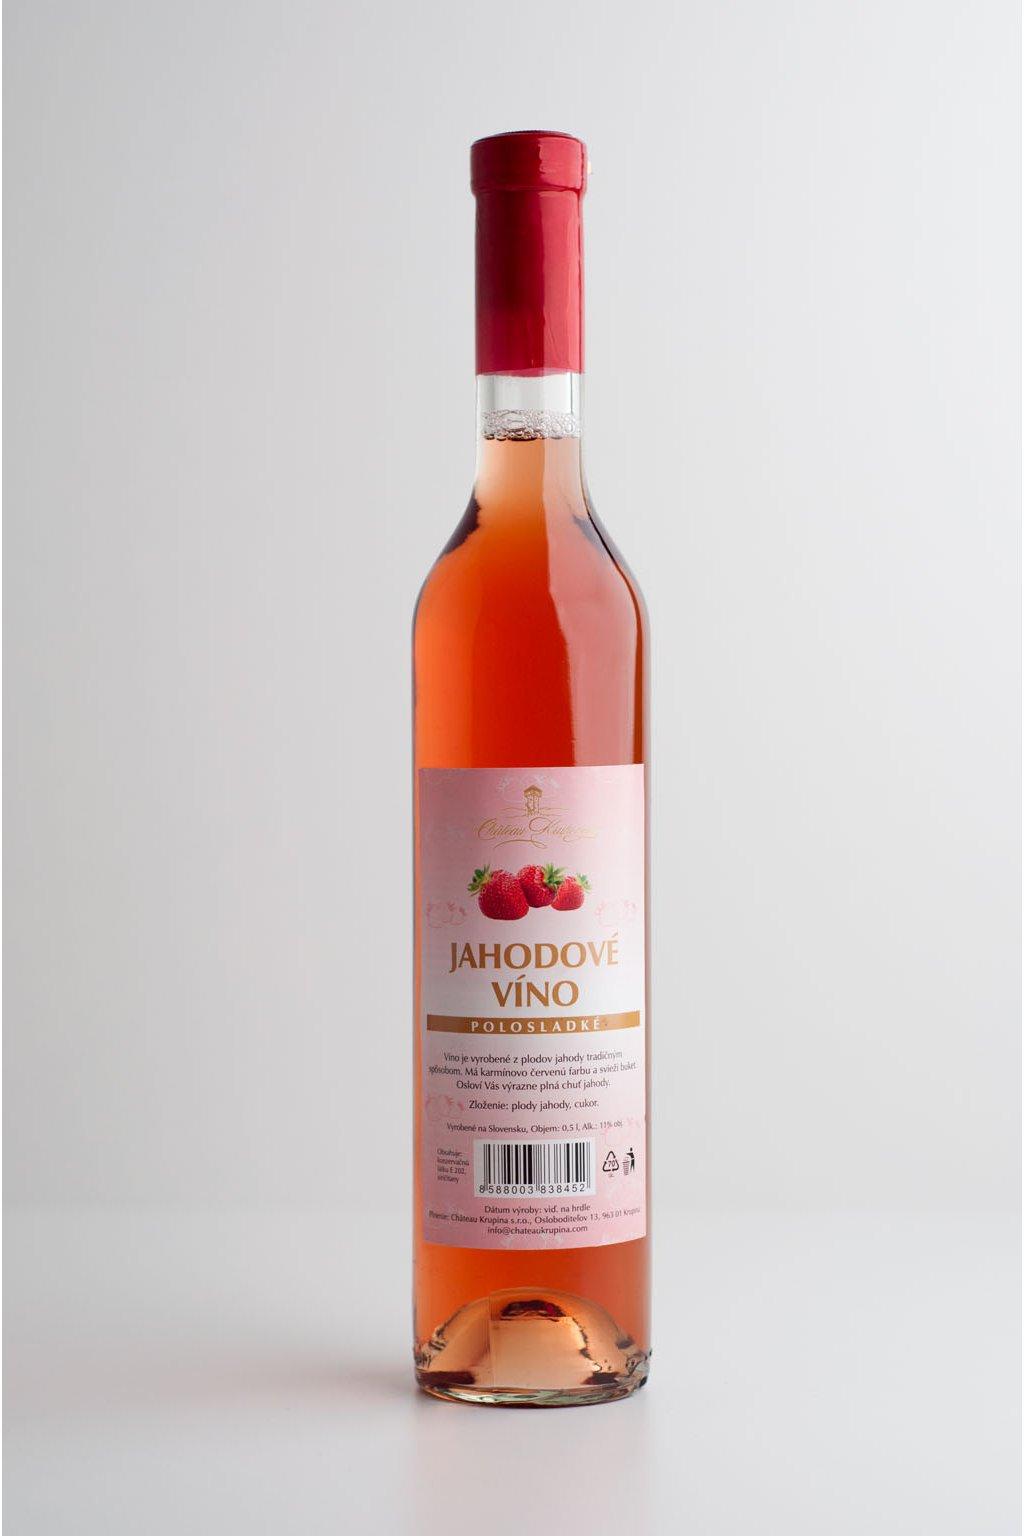 Jahodové víno - 0,5l